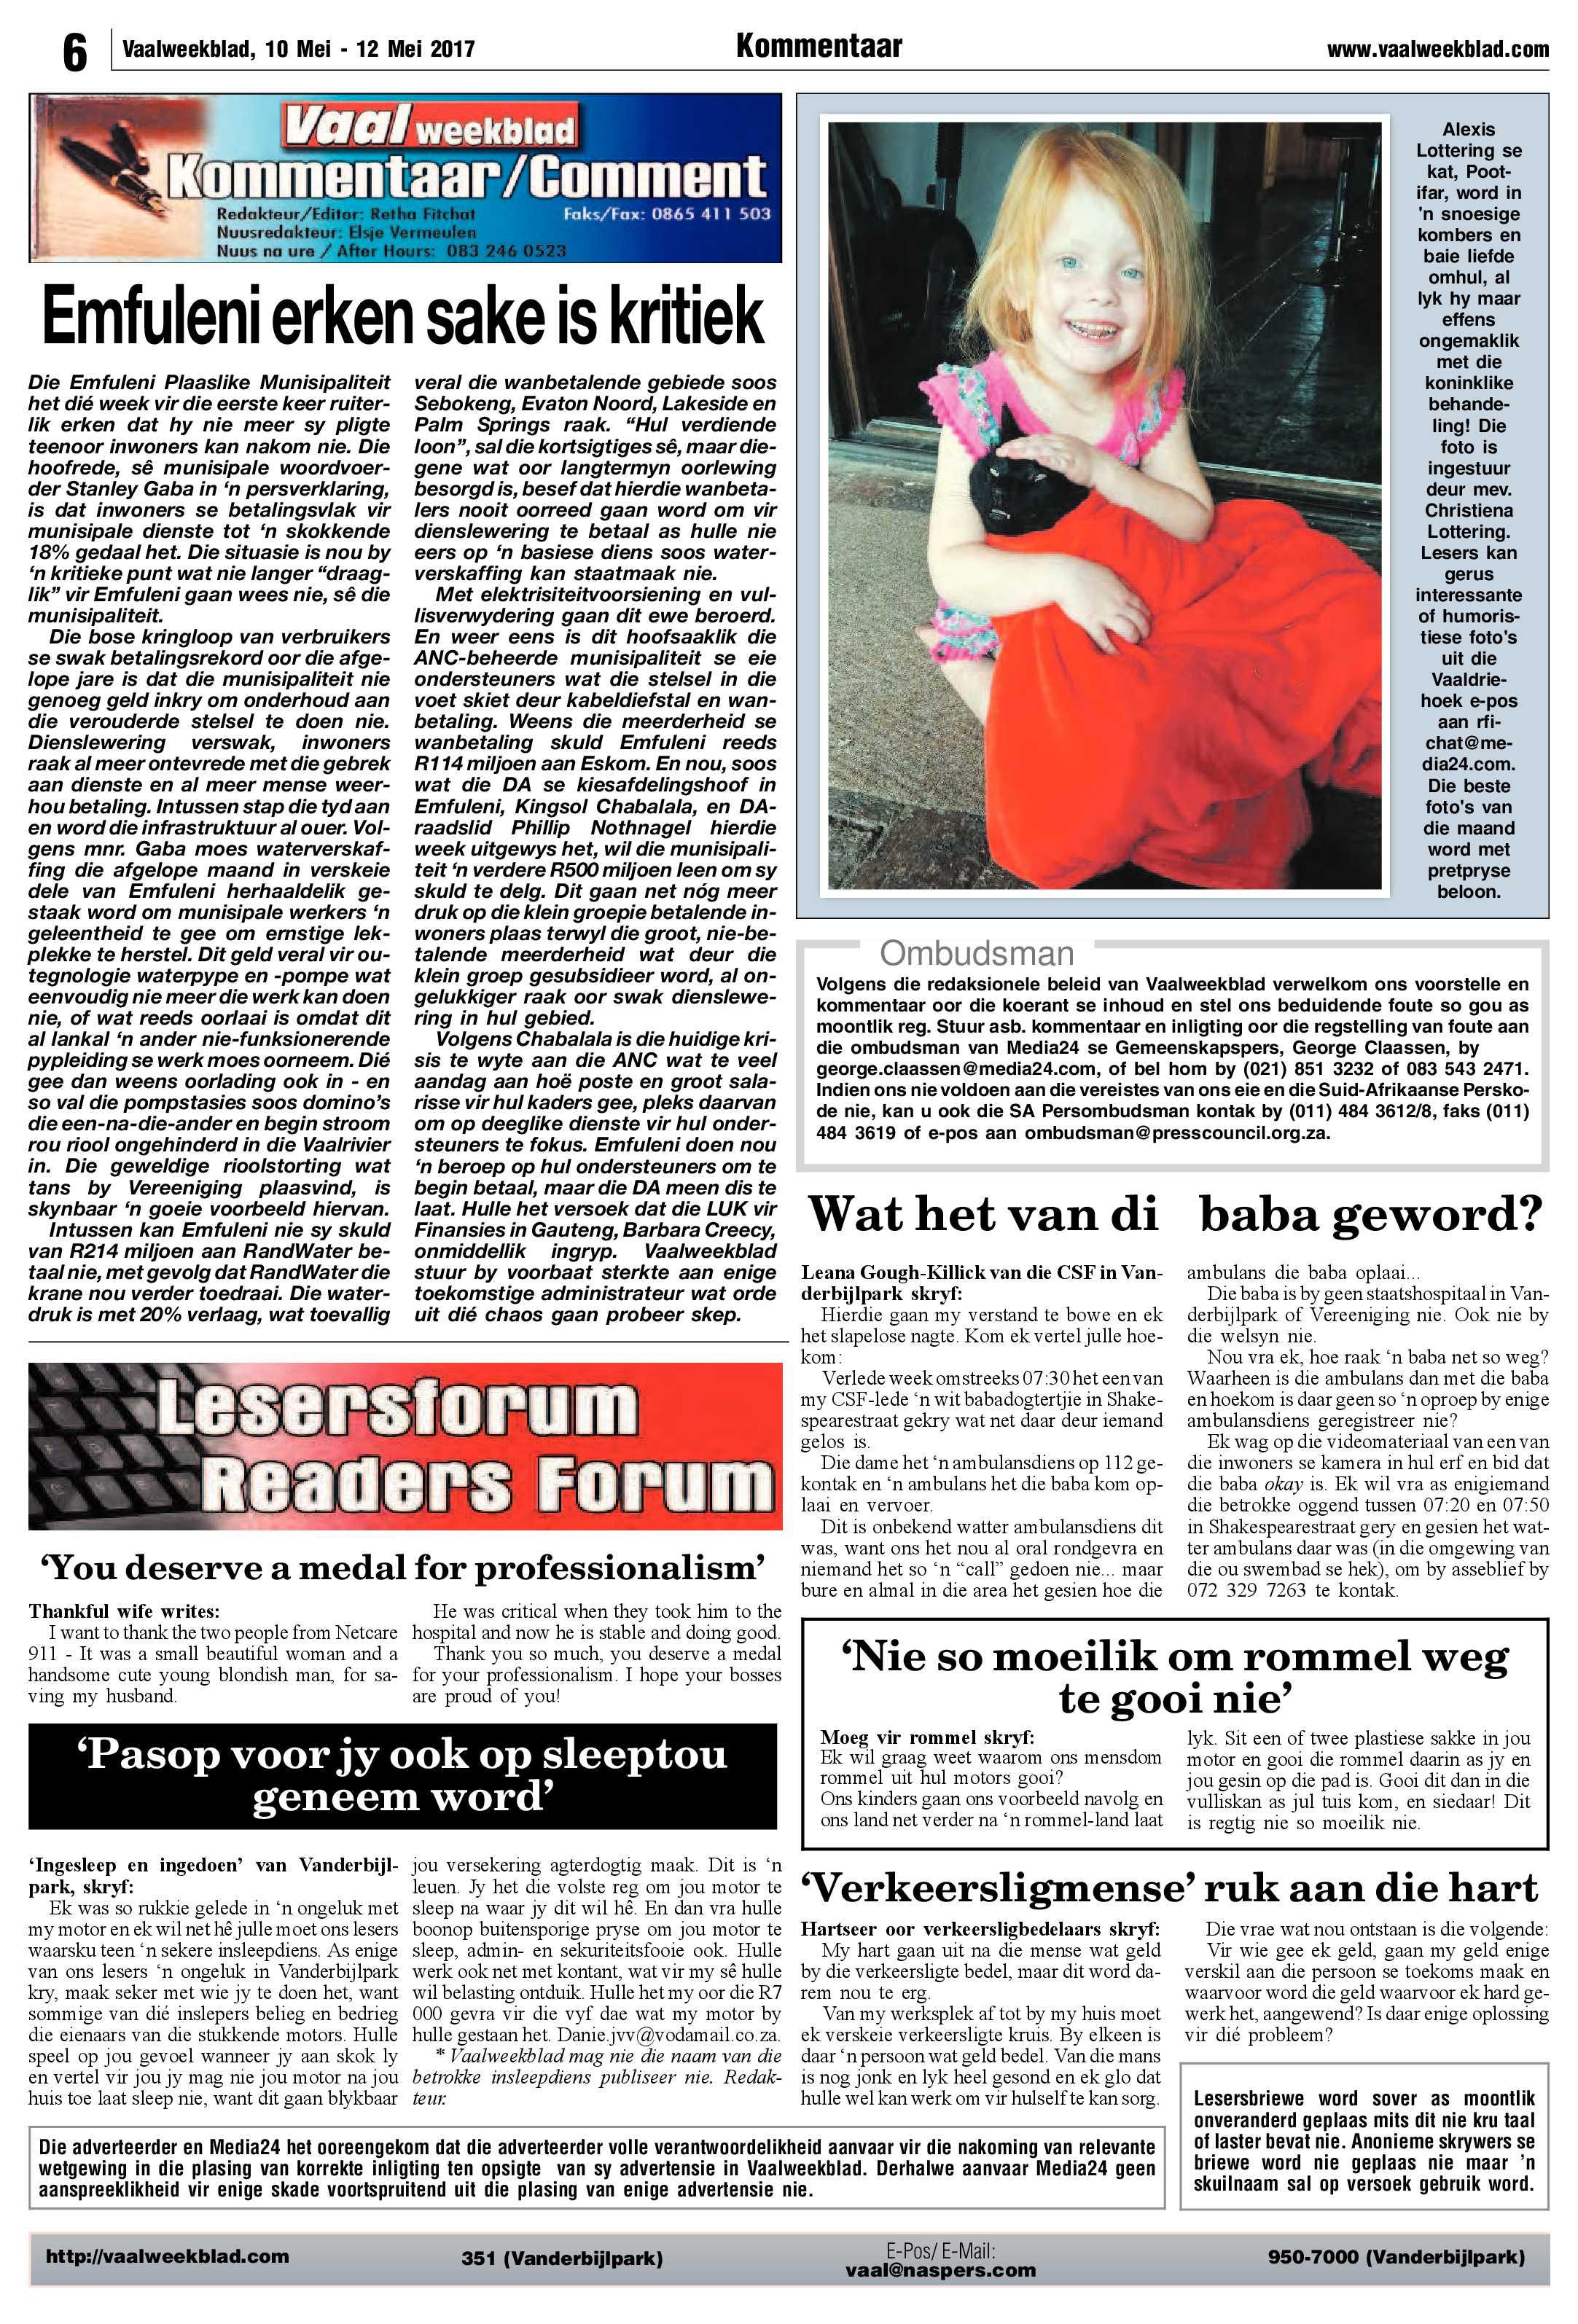 vaalweekblad-10-12-mei-2017-epapers-page-6